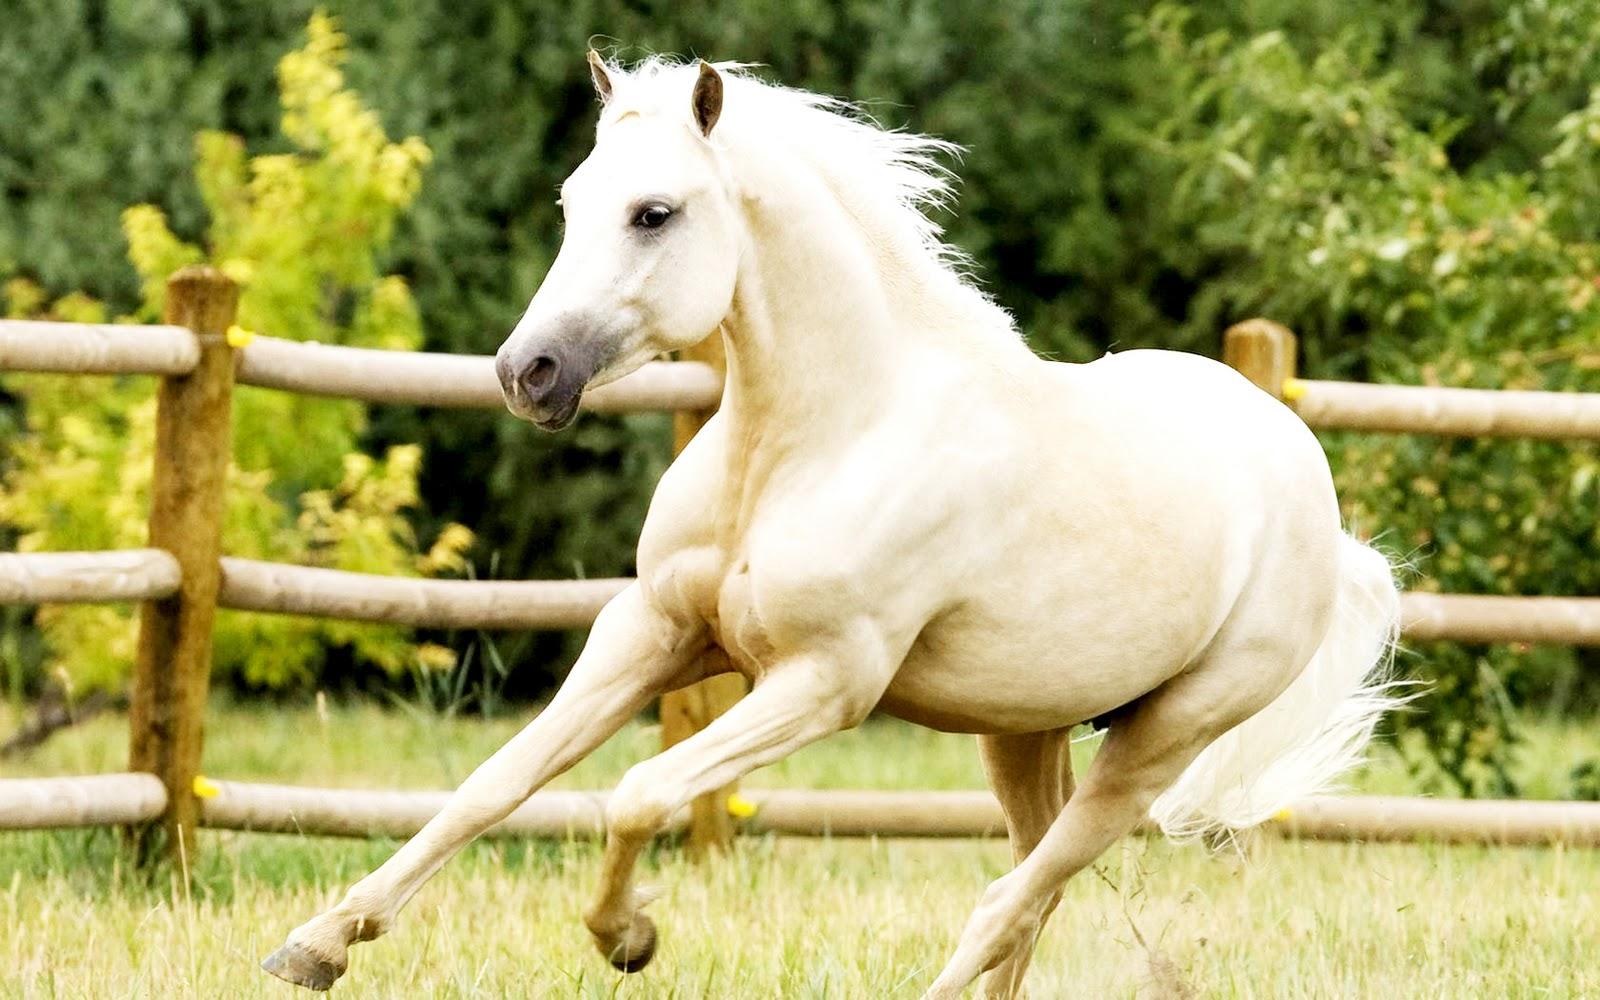 Hd Horse Wallpapers Wallpapersafari